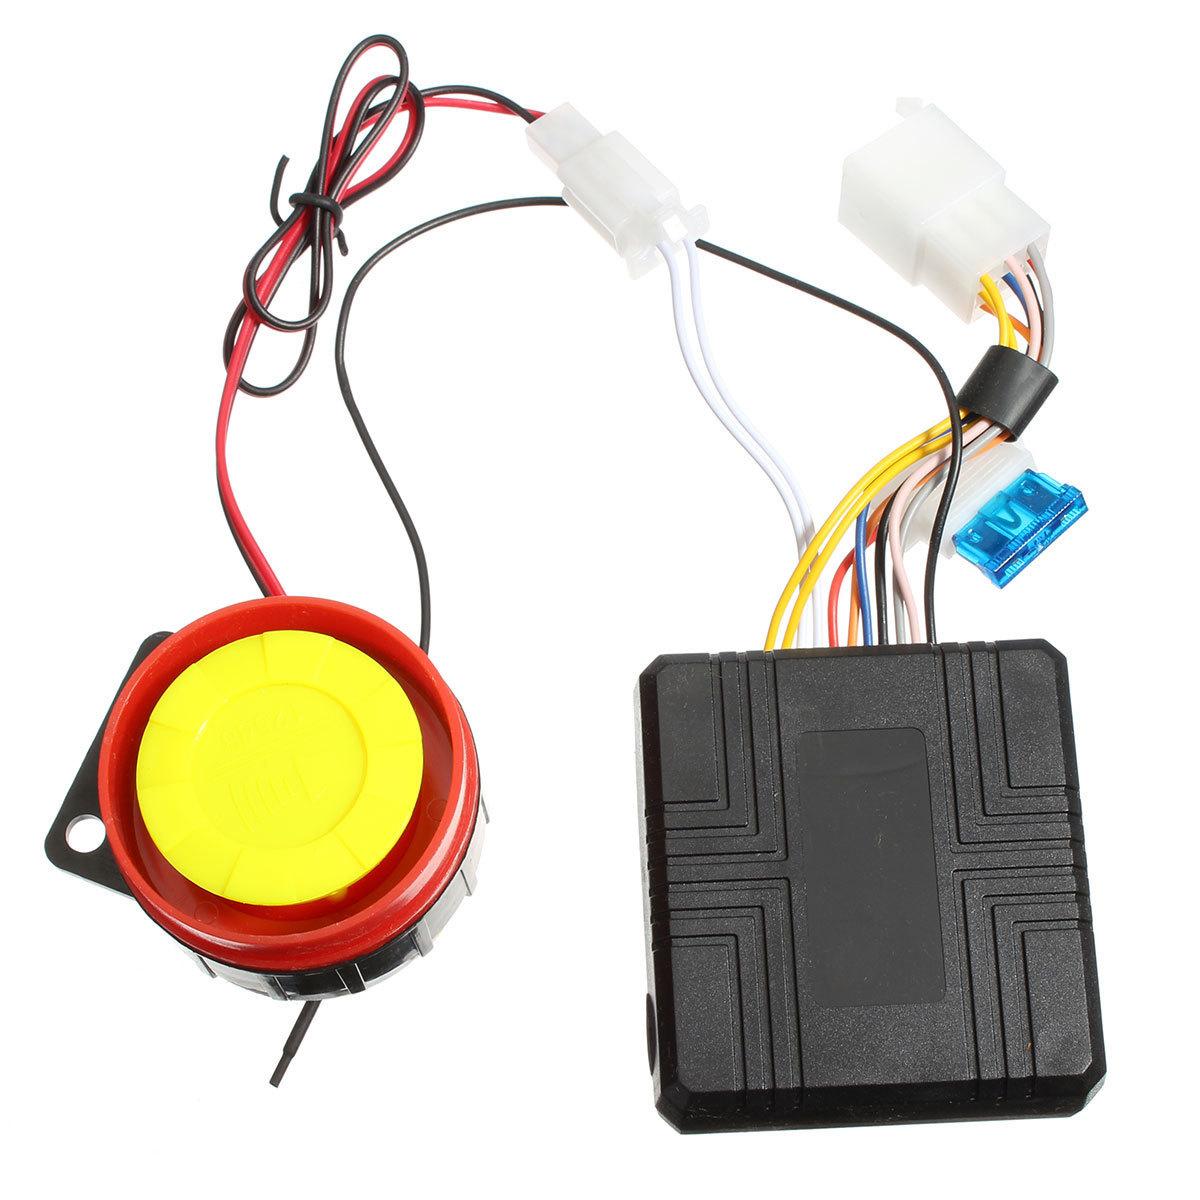 sepeda motor skuter kompak Sistem alarm keamanan remote untukmengendalikan mesin dihidupkan Suzuki Honda .